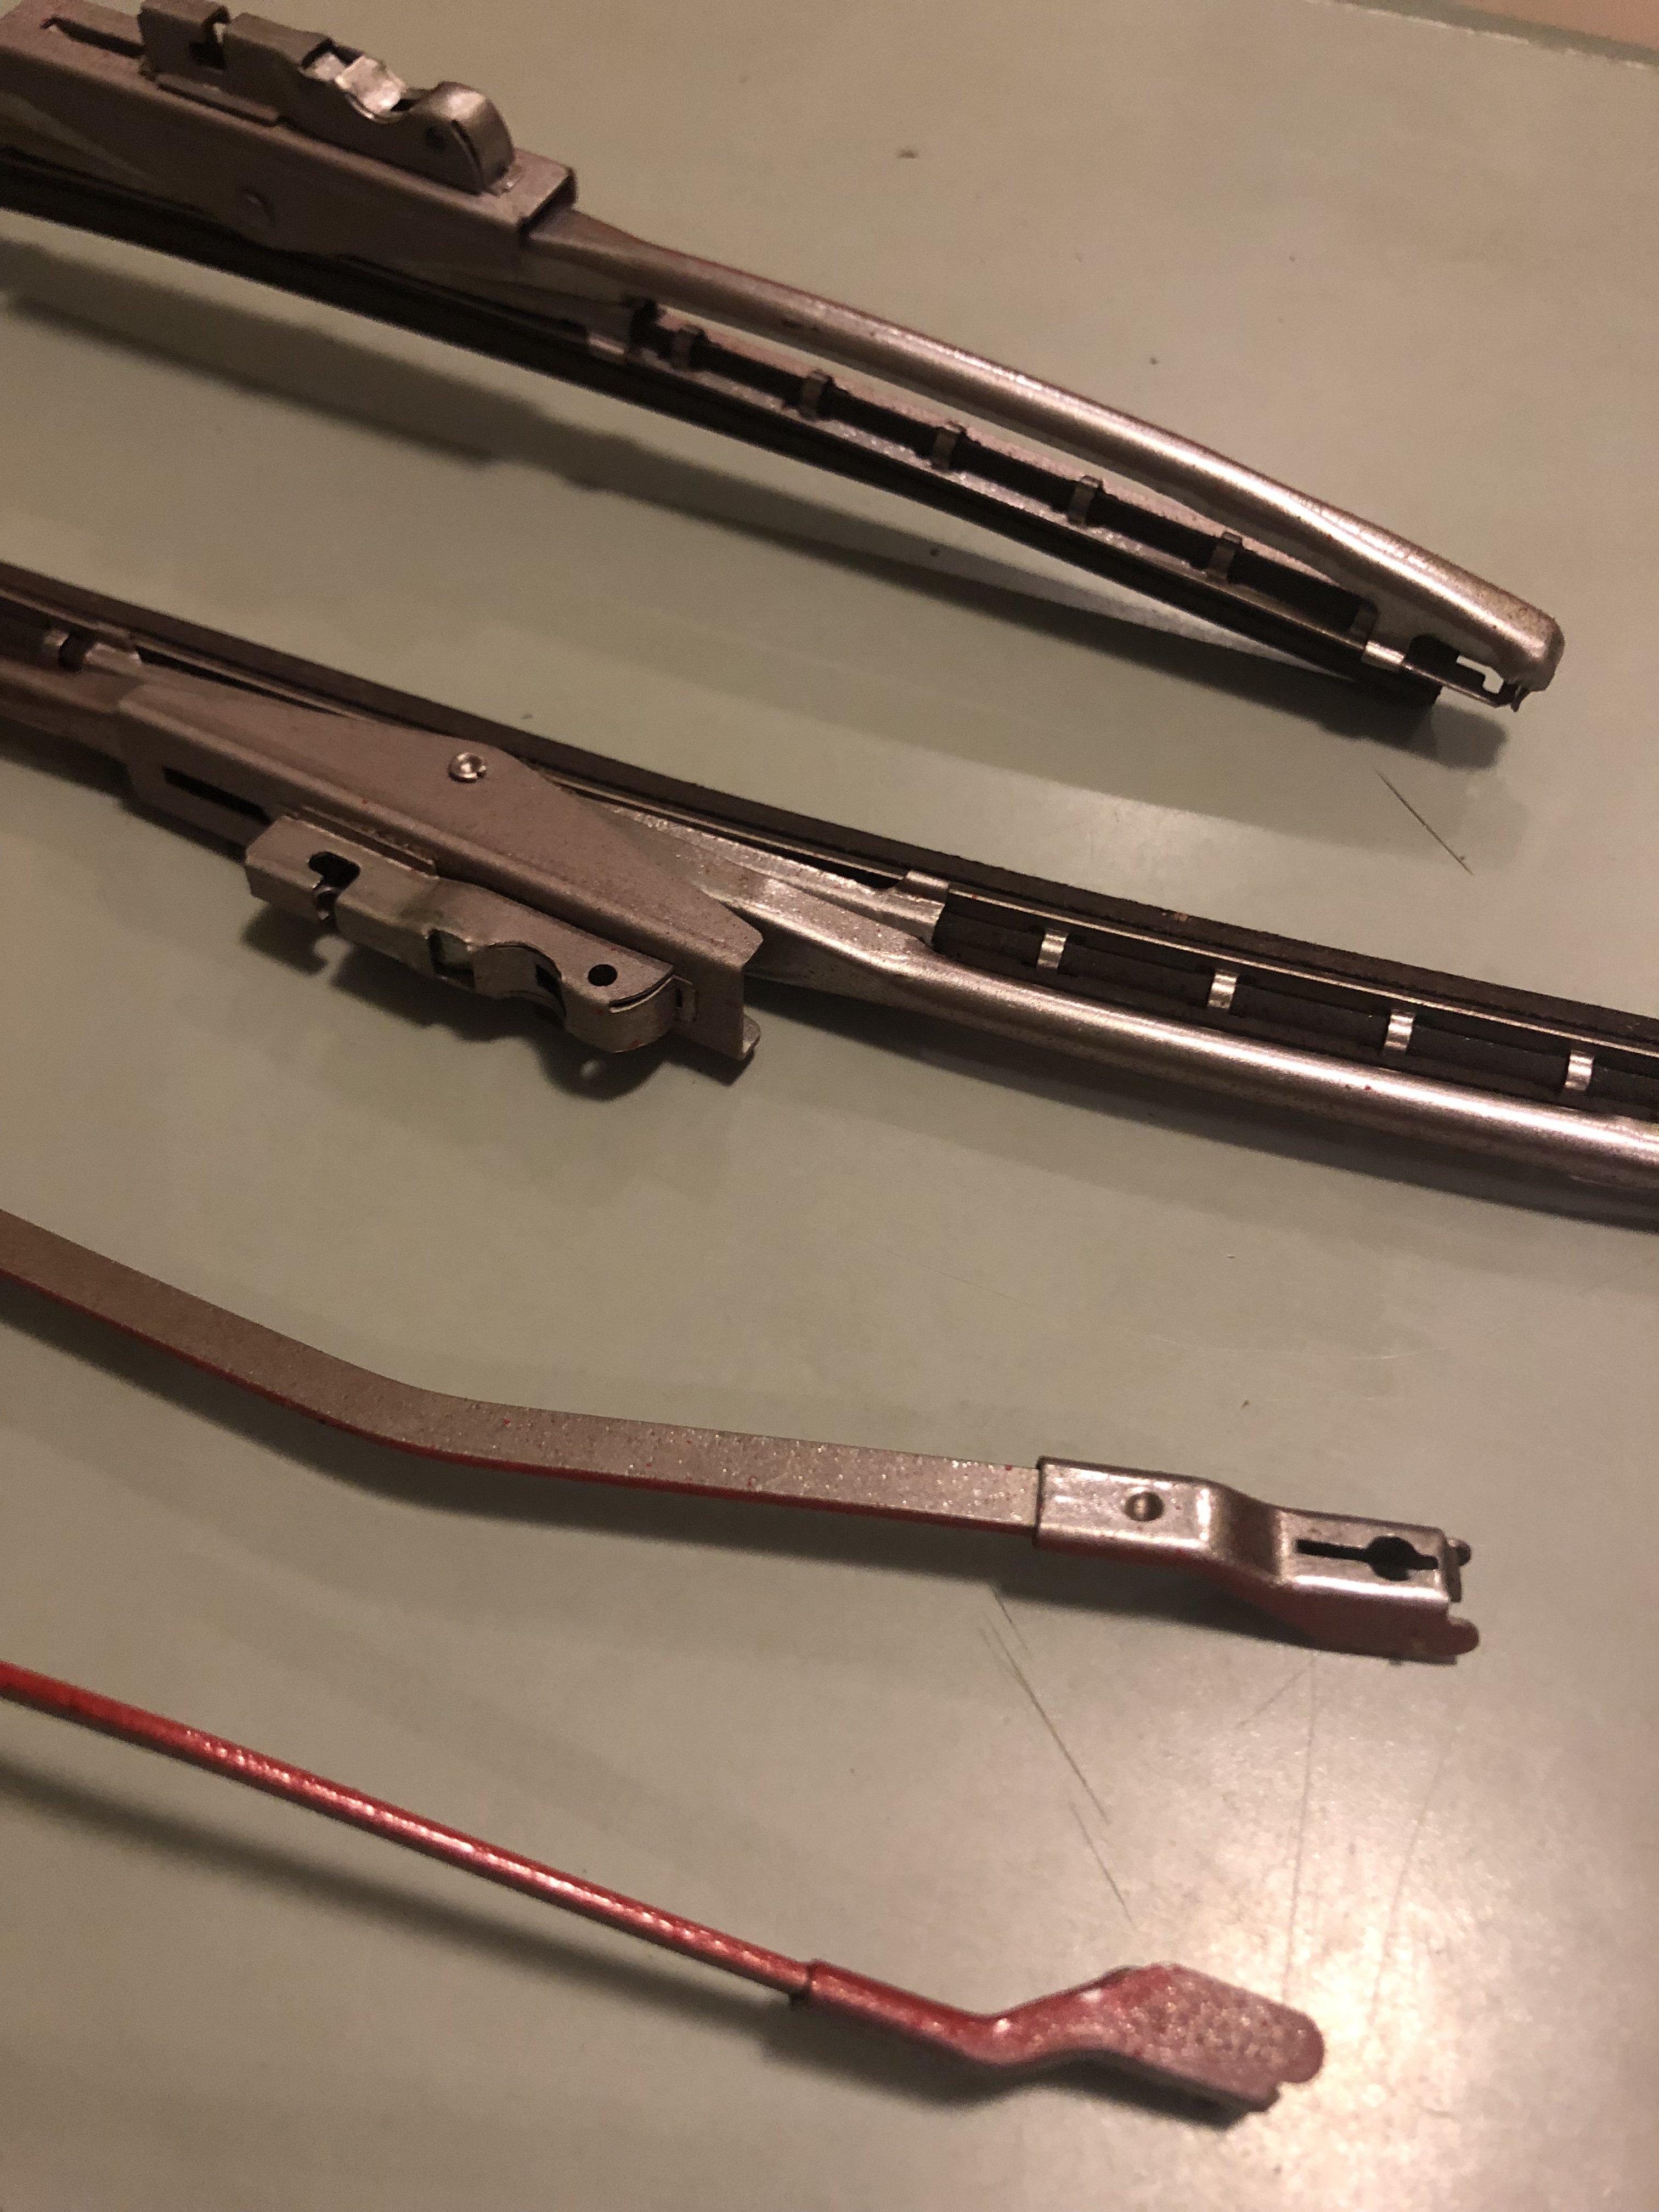 2E96C7A5-D71F-4A4A-8364-3BD436F553F8.jpeg